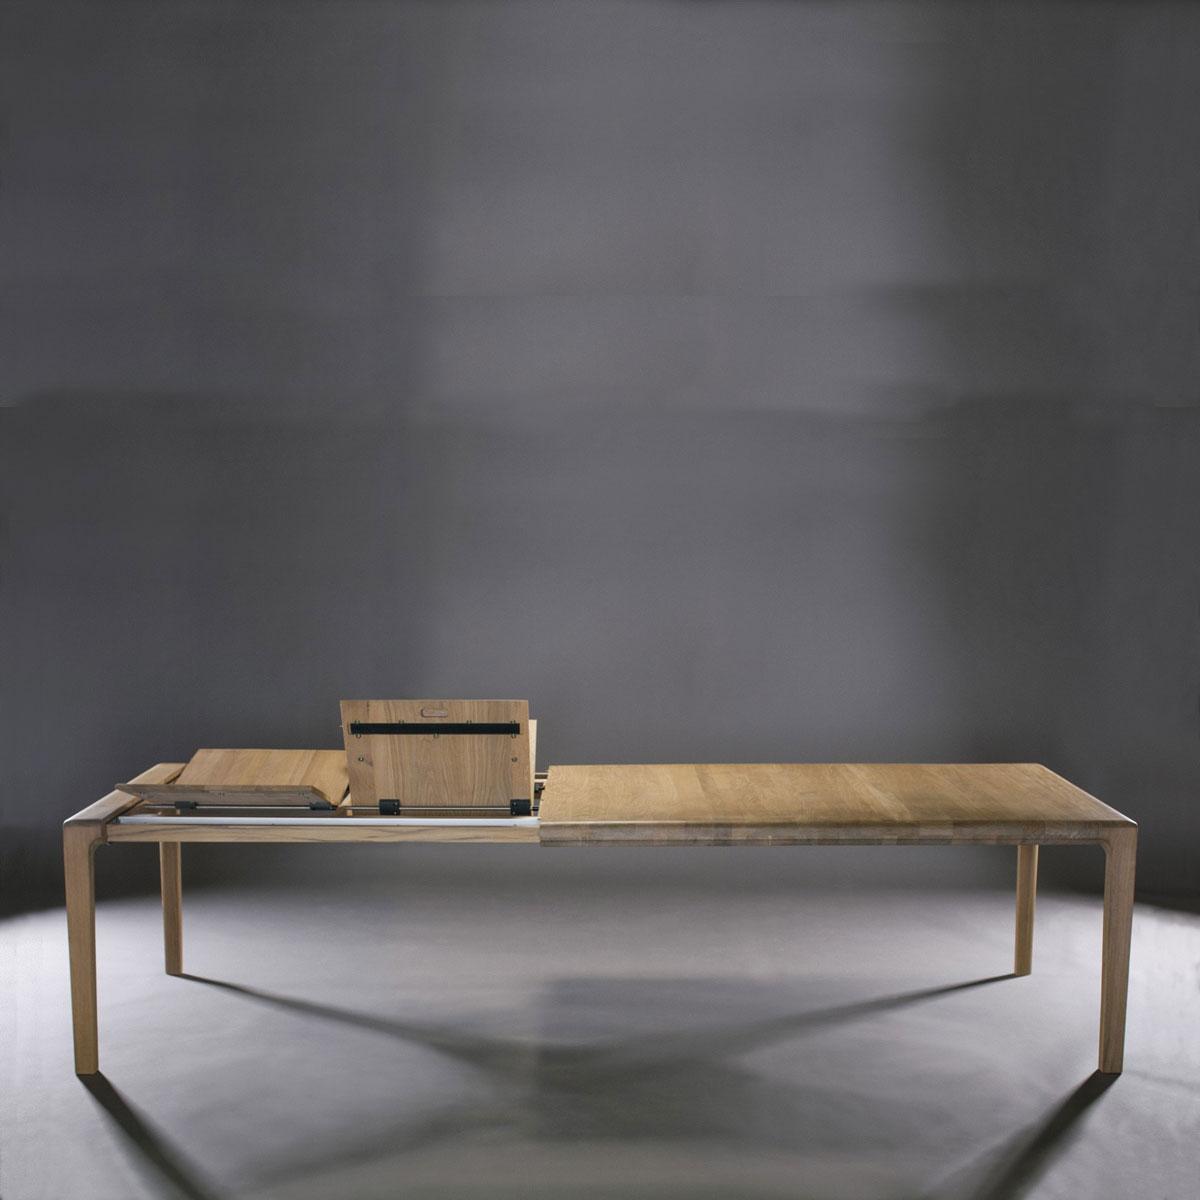 Mesa Invito con extensiones en maderas de calidad, realizada de forma artesanal y moderna para Artisan